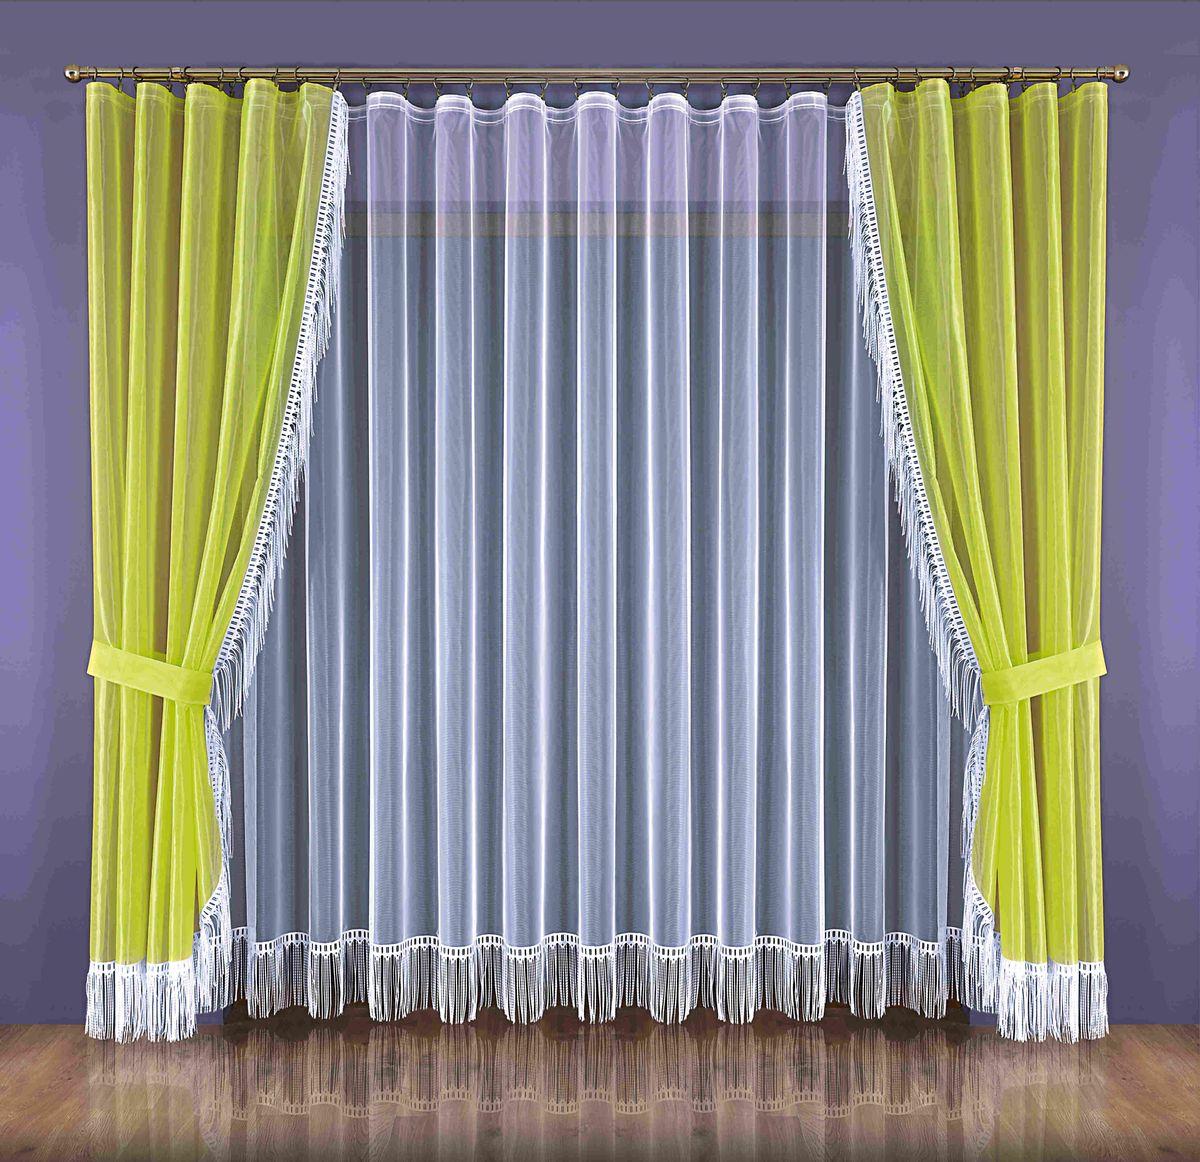 Комплект штор Wisan Zyta, на ленте, цвет: белый, салатовый, высота 250 см266WКомплект штор Wisan Zyta, выполненный из полиэстера, великолепно украсит окно в гостиной или спальне. В комплект входят 2 шторы, тюль и 2 подхвата. Бахрома придает комплекту особый стиль и шарм. Тонкое плетение, нежная цветовая гамма и роскошное исполнение - все это делает шторы Wisan Zyta замечательным дополнением интерьера комнаты. Шторы оснащены шторной лентой для красивой сборки, а также двумя подхватами. В комплект входит: Штора - 2 шт. Размер (ШхВ): 150 см х 250 см. Тюль - 1 шт. Размер (ШхВ): 300 см х 250 см. Подхват - 2 шт.